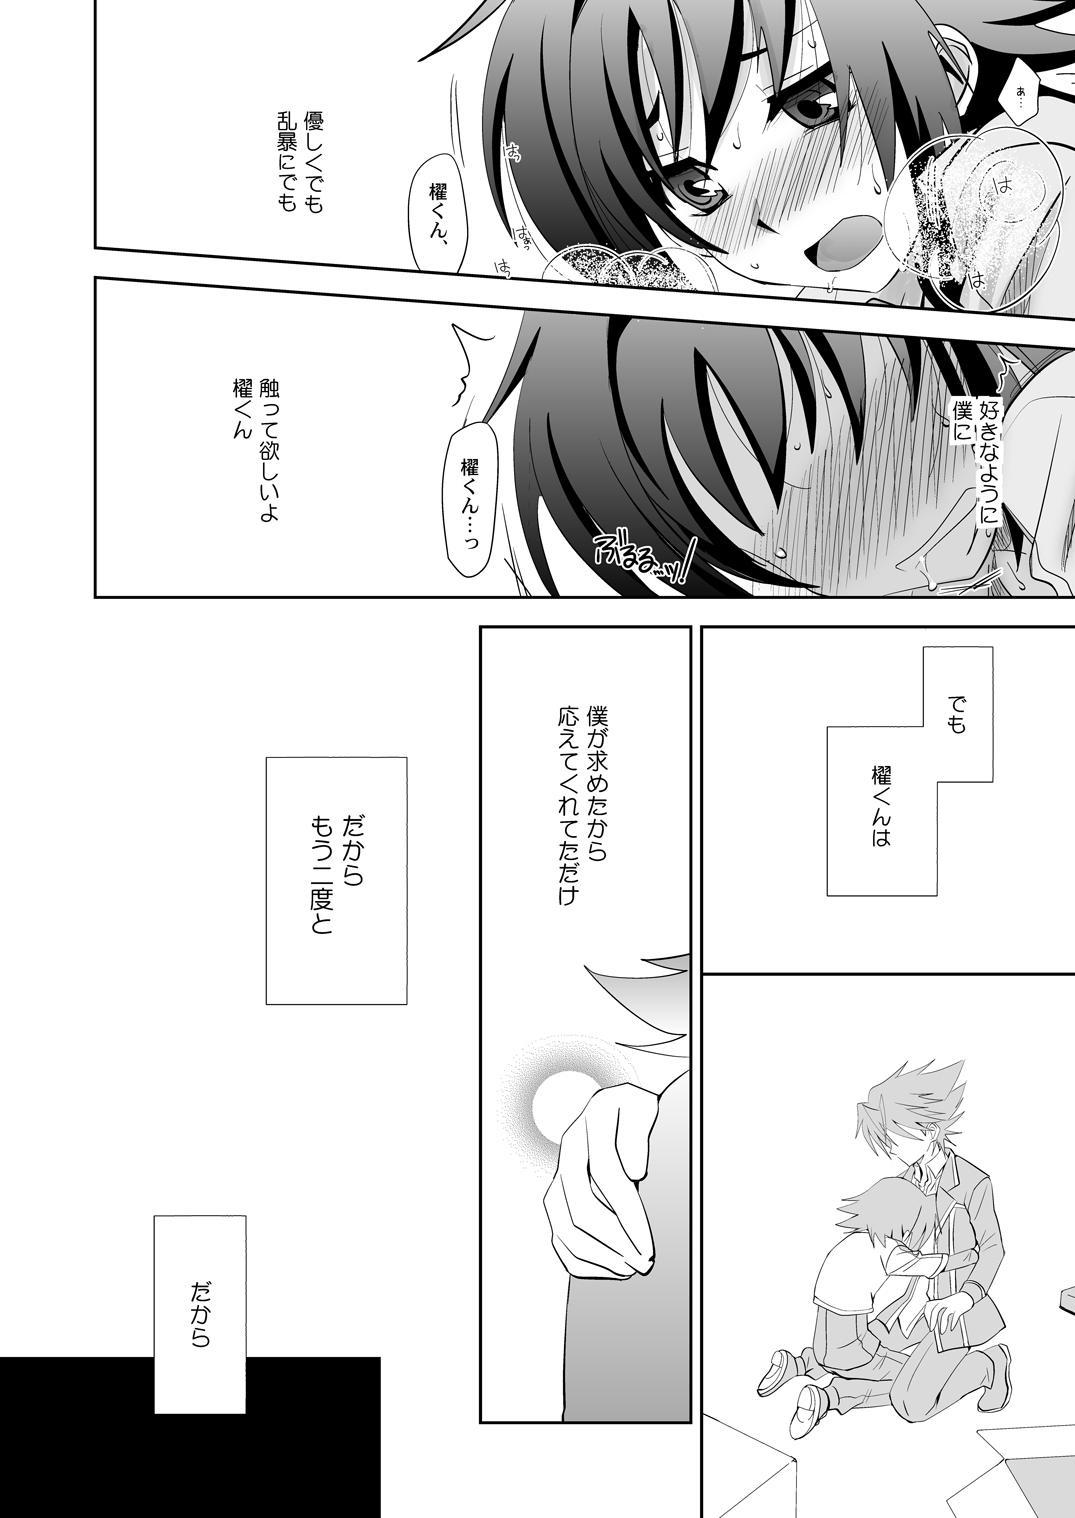 Ookami Otoko ni Koi o Shita 14